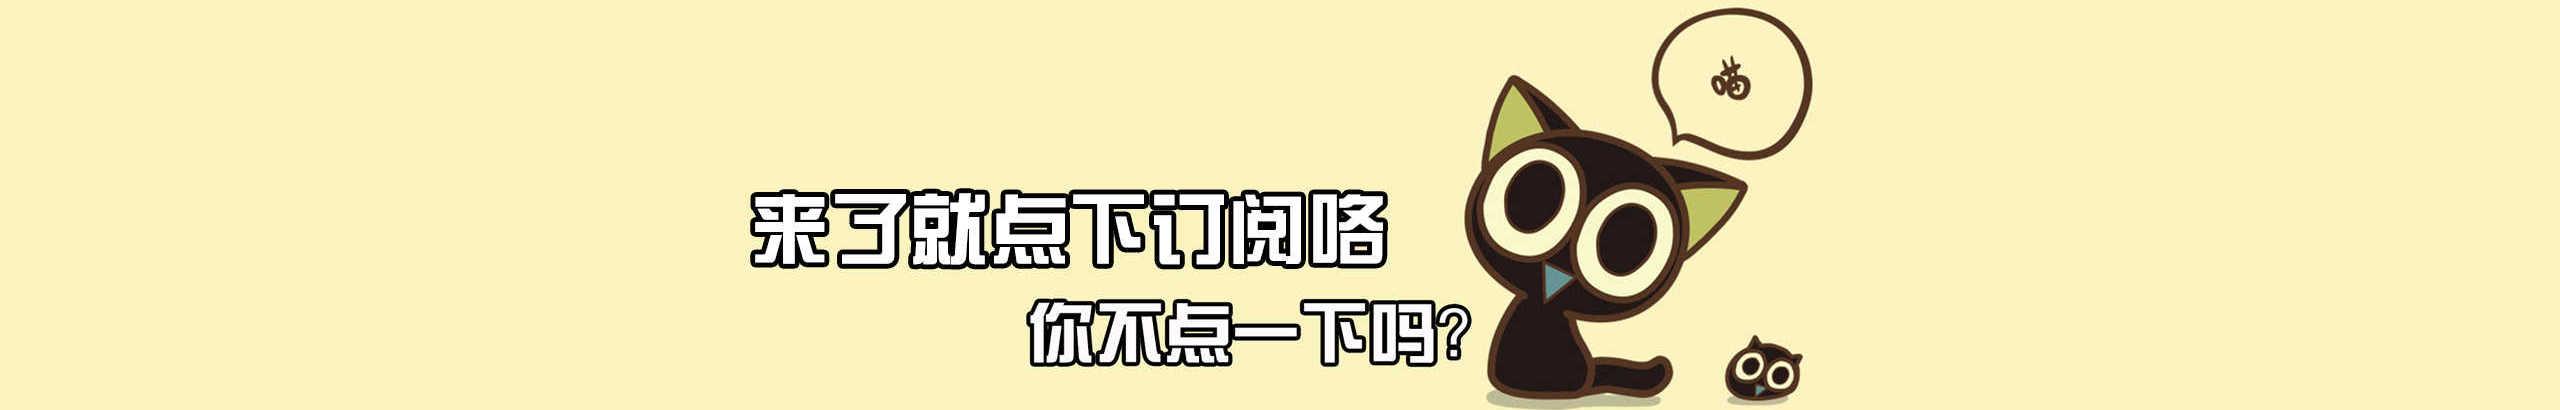 喵小十 banner